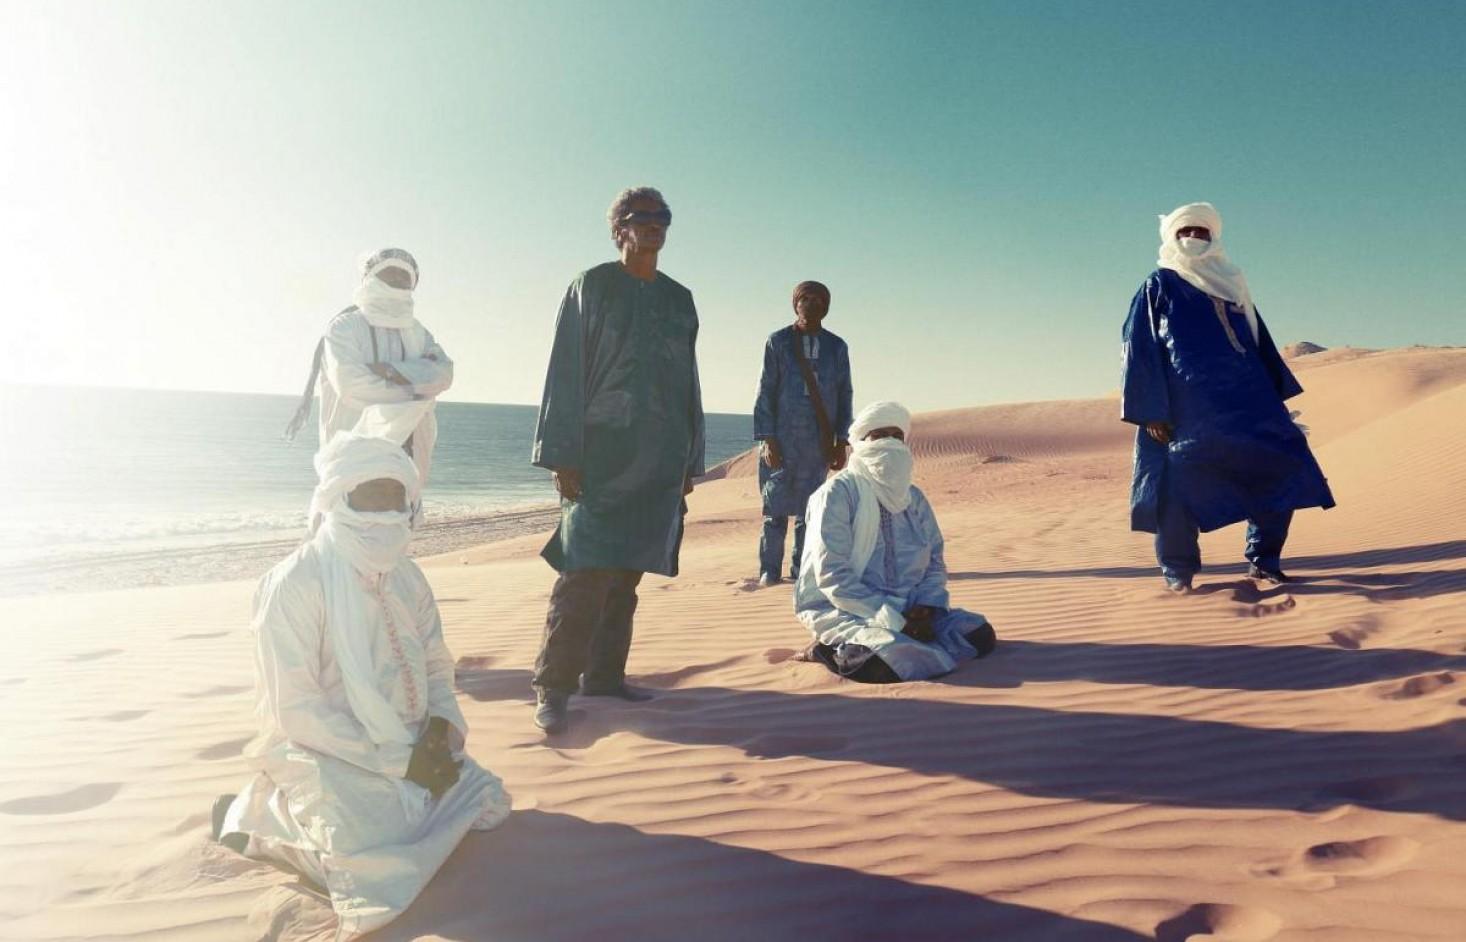 Experience Tinariwen's desert blues in Amager Bio